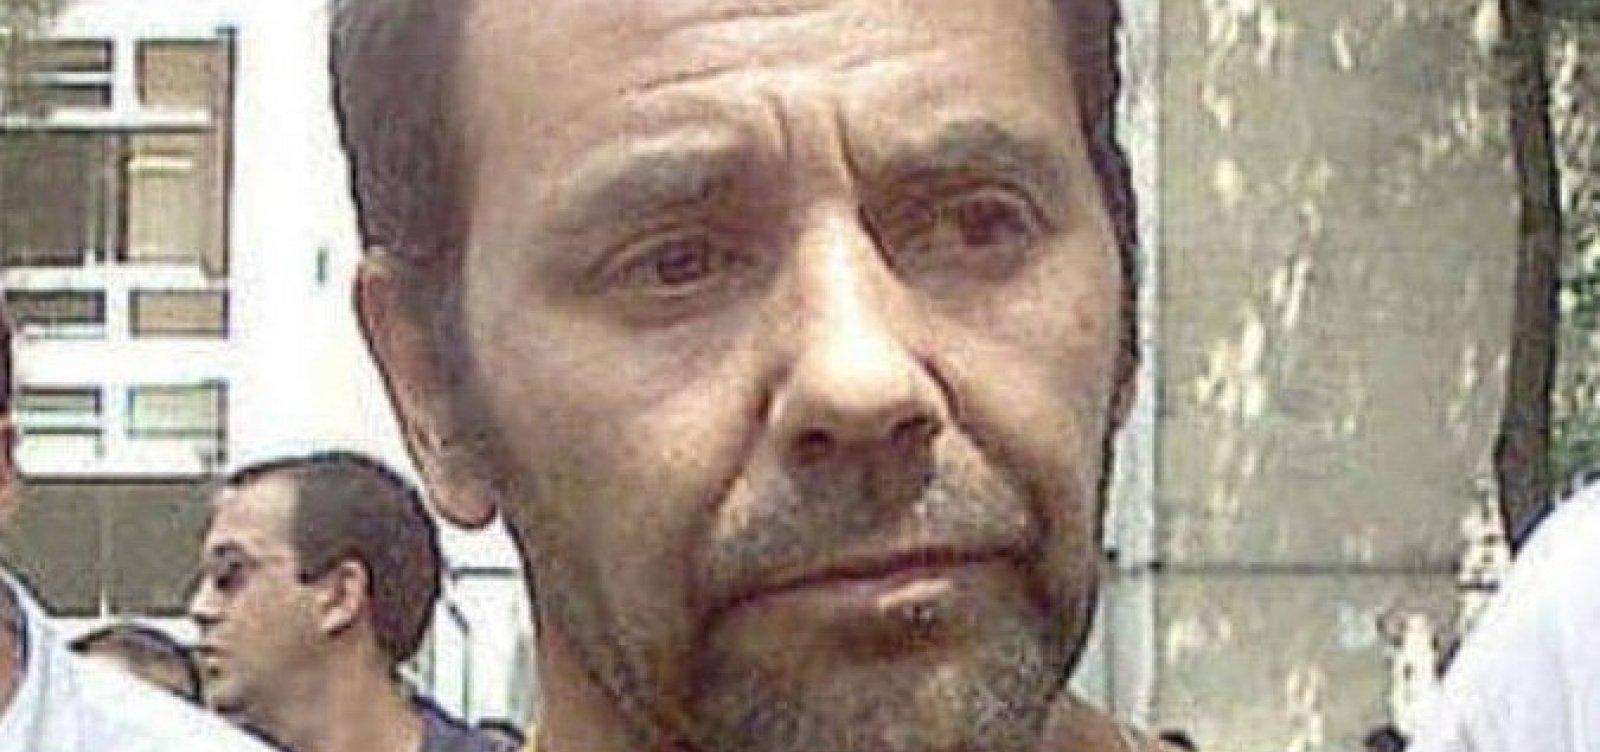 [Chileno que sequestrou Washington Olivetto é extraditado]